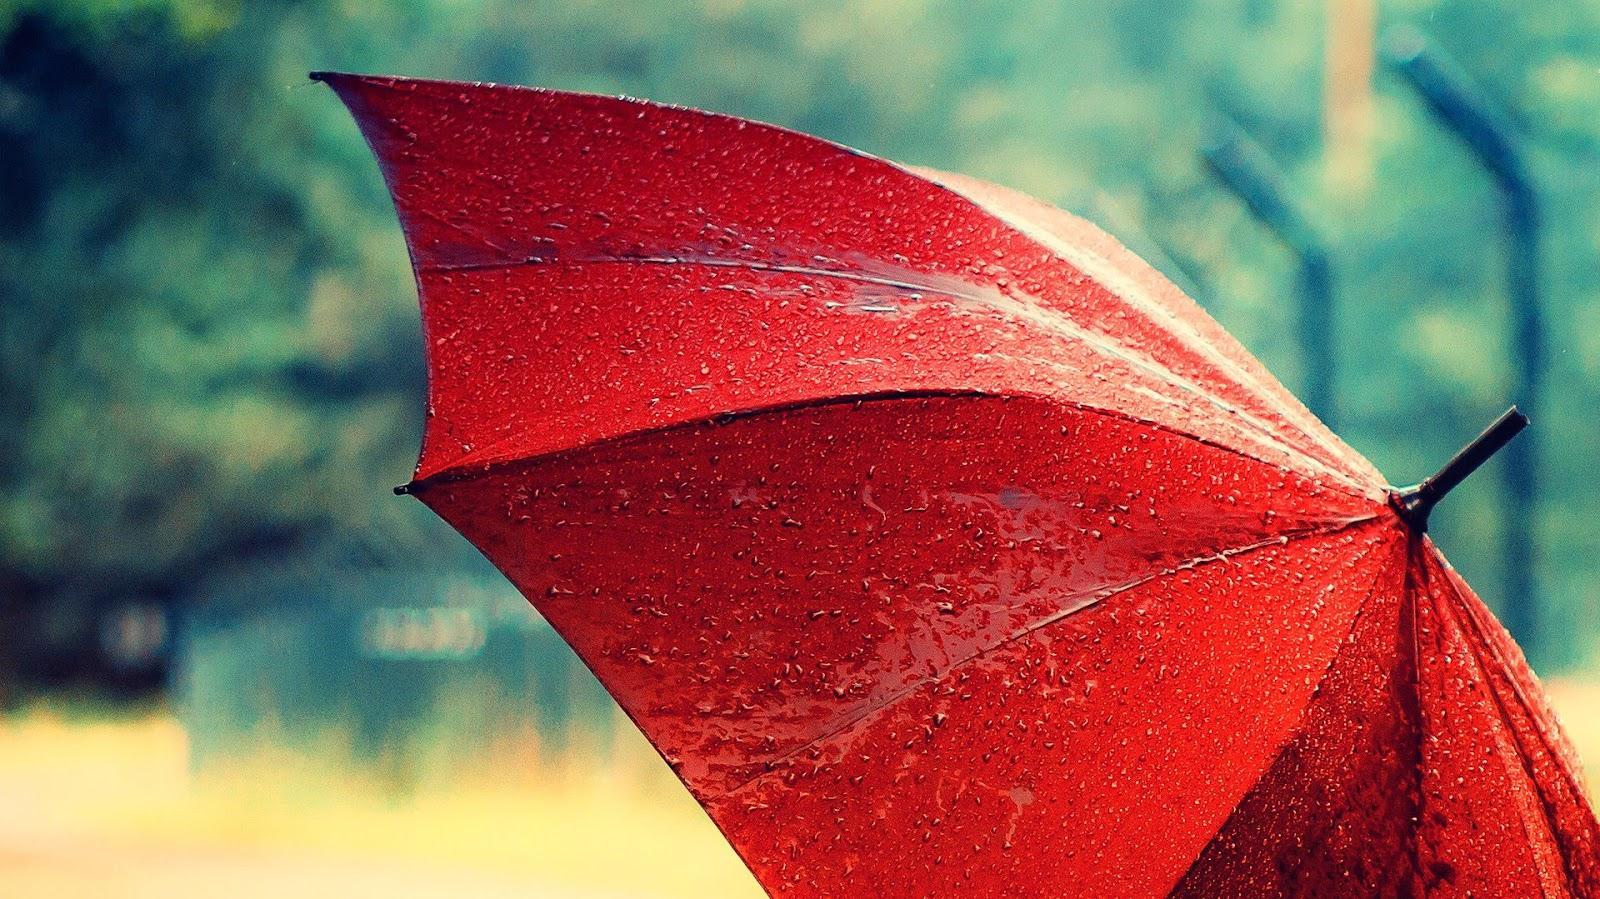 Rain, Rain, Go Away!, Rain, Rain, Go Away!